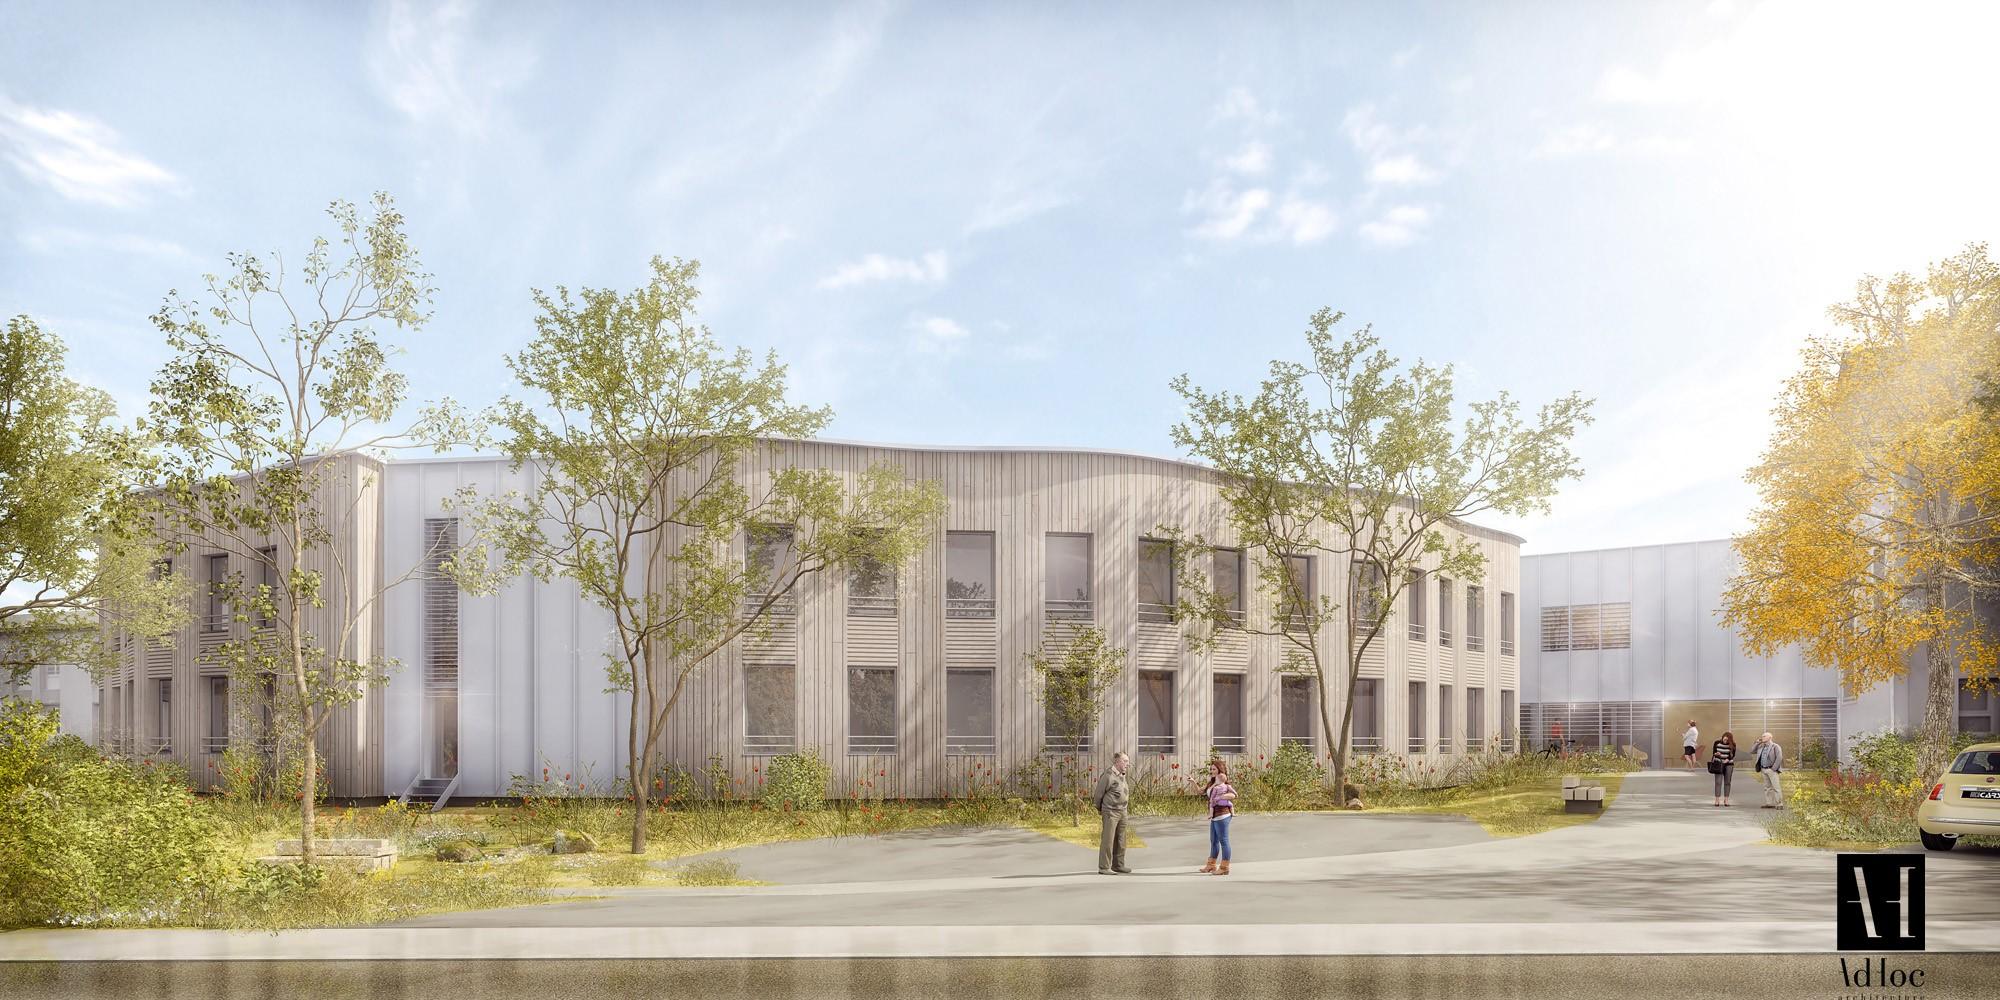 Acoba Assistance Maîtrise d'Ouvrage - Restructuration et extension de l'établissement (156 lits) « Résidence Le Lac » à ARGENTON LES VALLEES (79)